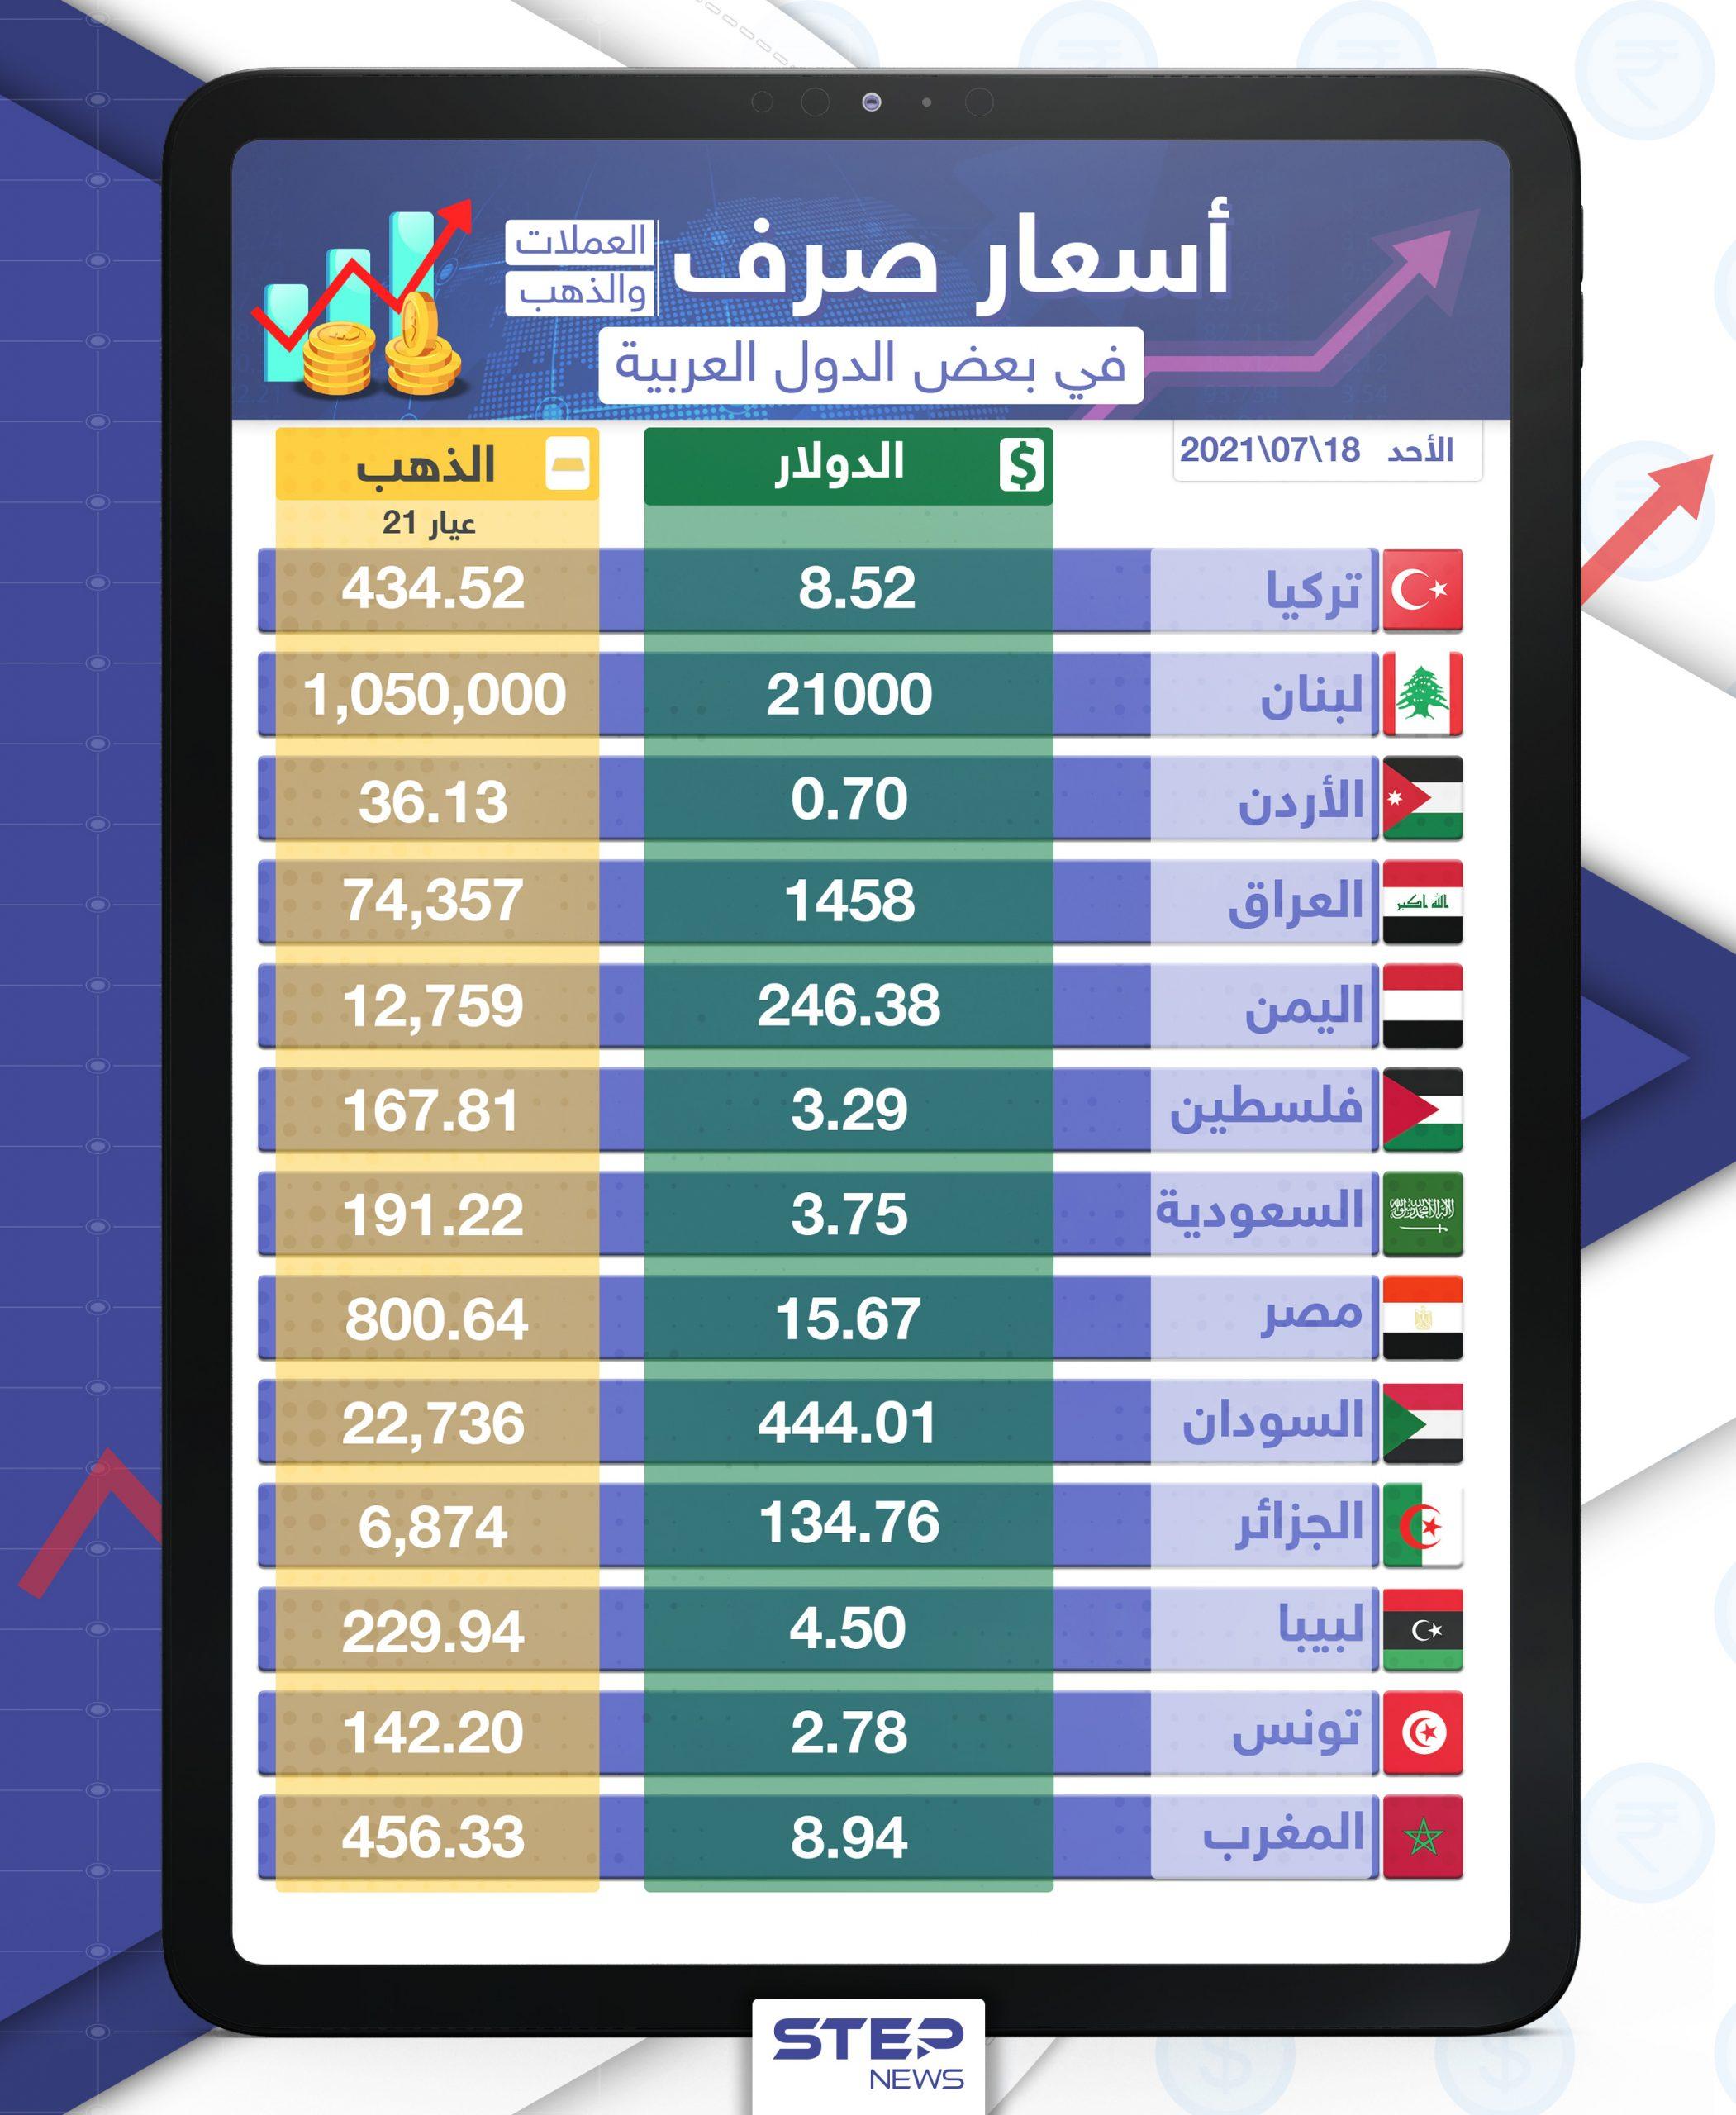 أسعار الذهب والعملات للدول العربية وتركيا اليوم الأحد الموافق 18 تموز 2021